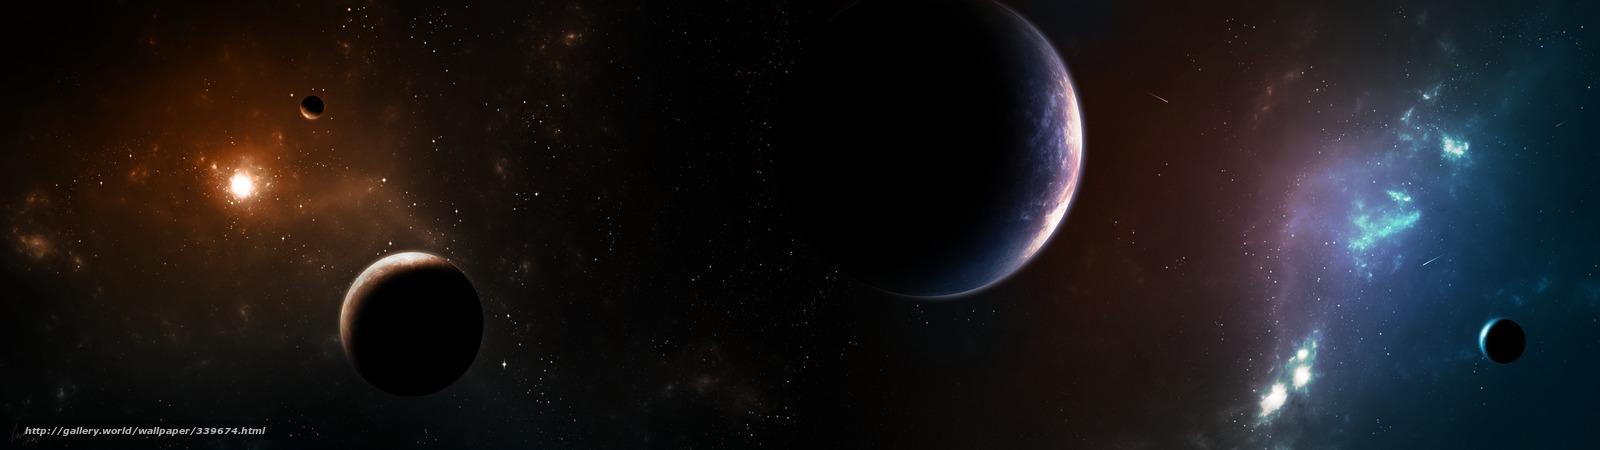 Descargar gratis espacio,  Planeta,  Estrella,  satlites Fondos de escritorio en la resolucin 3840x1080 — imagen №339674